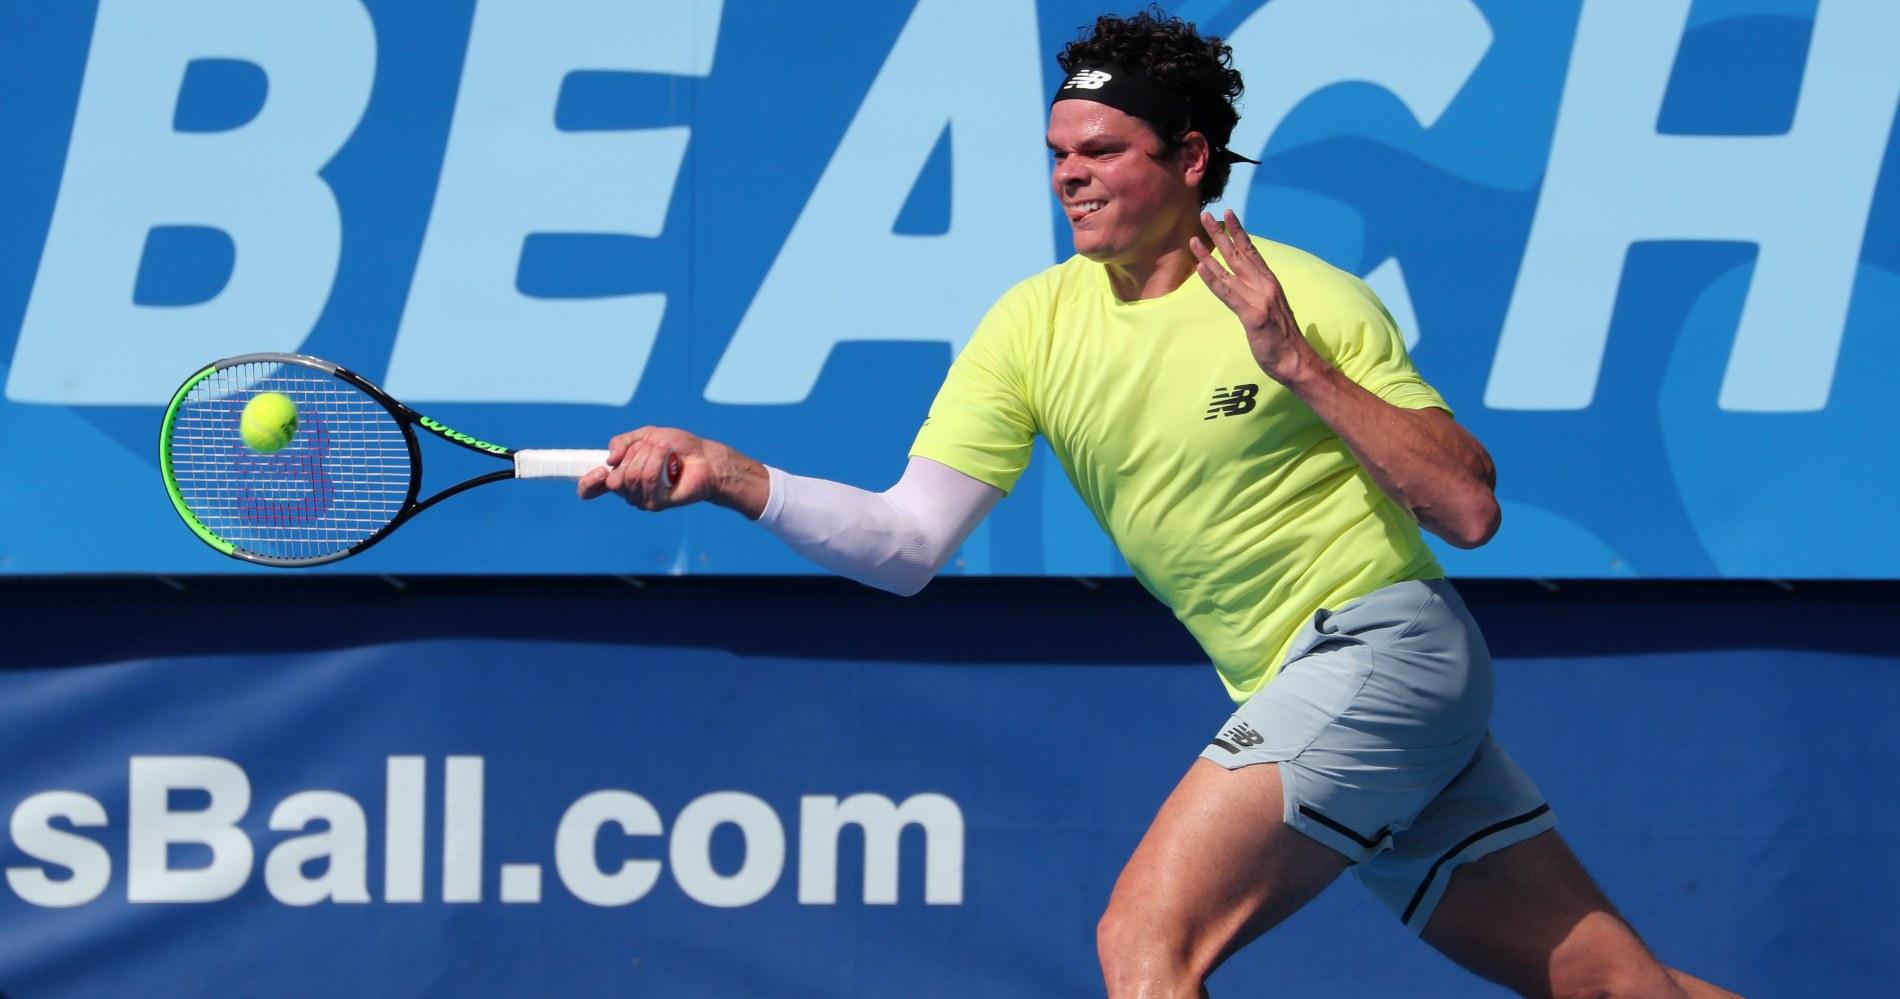 Milos Raonic - ATP World Tour Australian Open